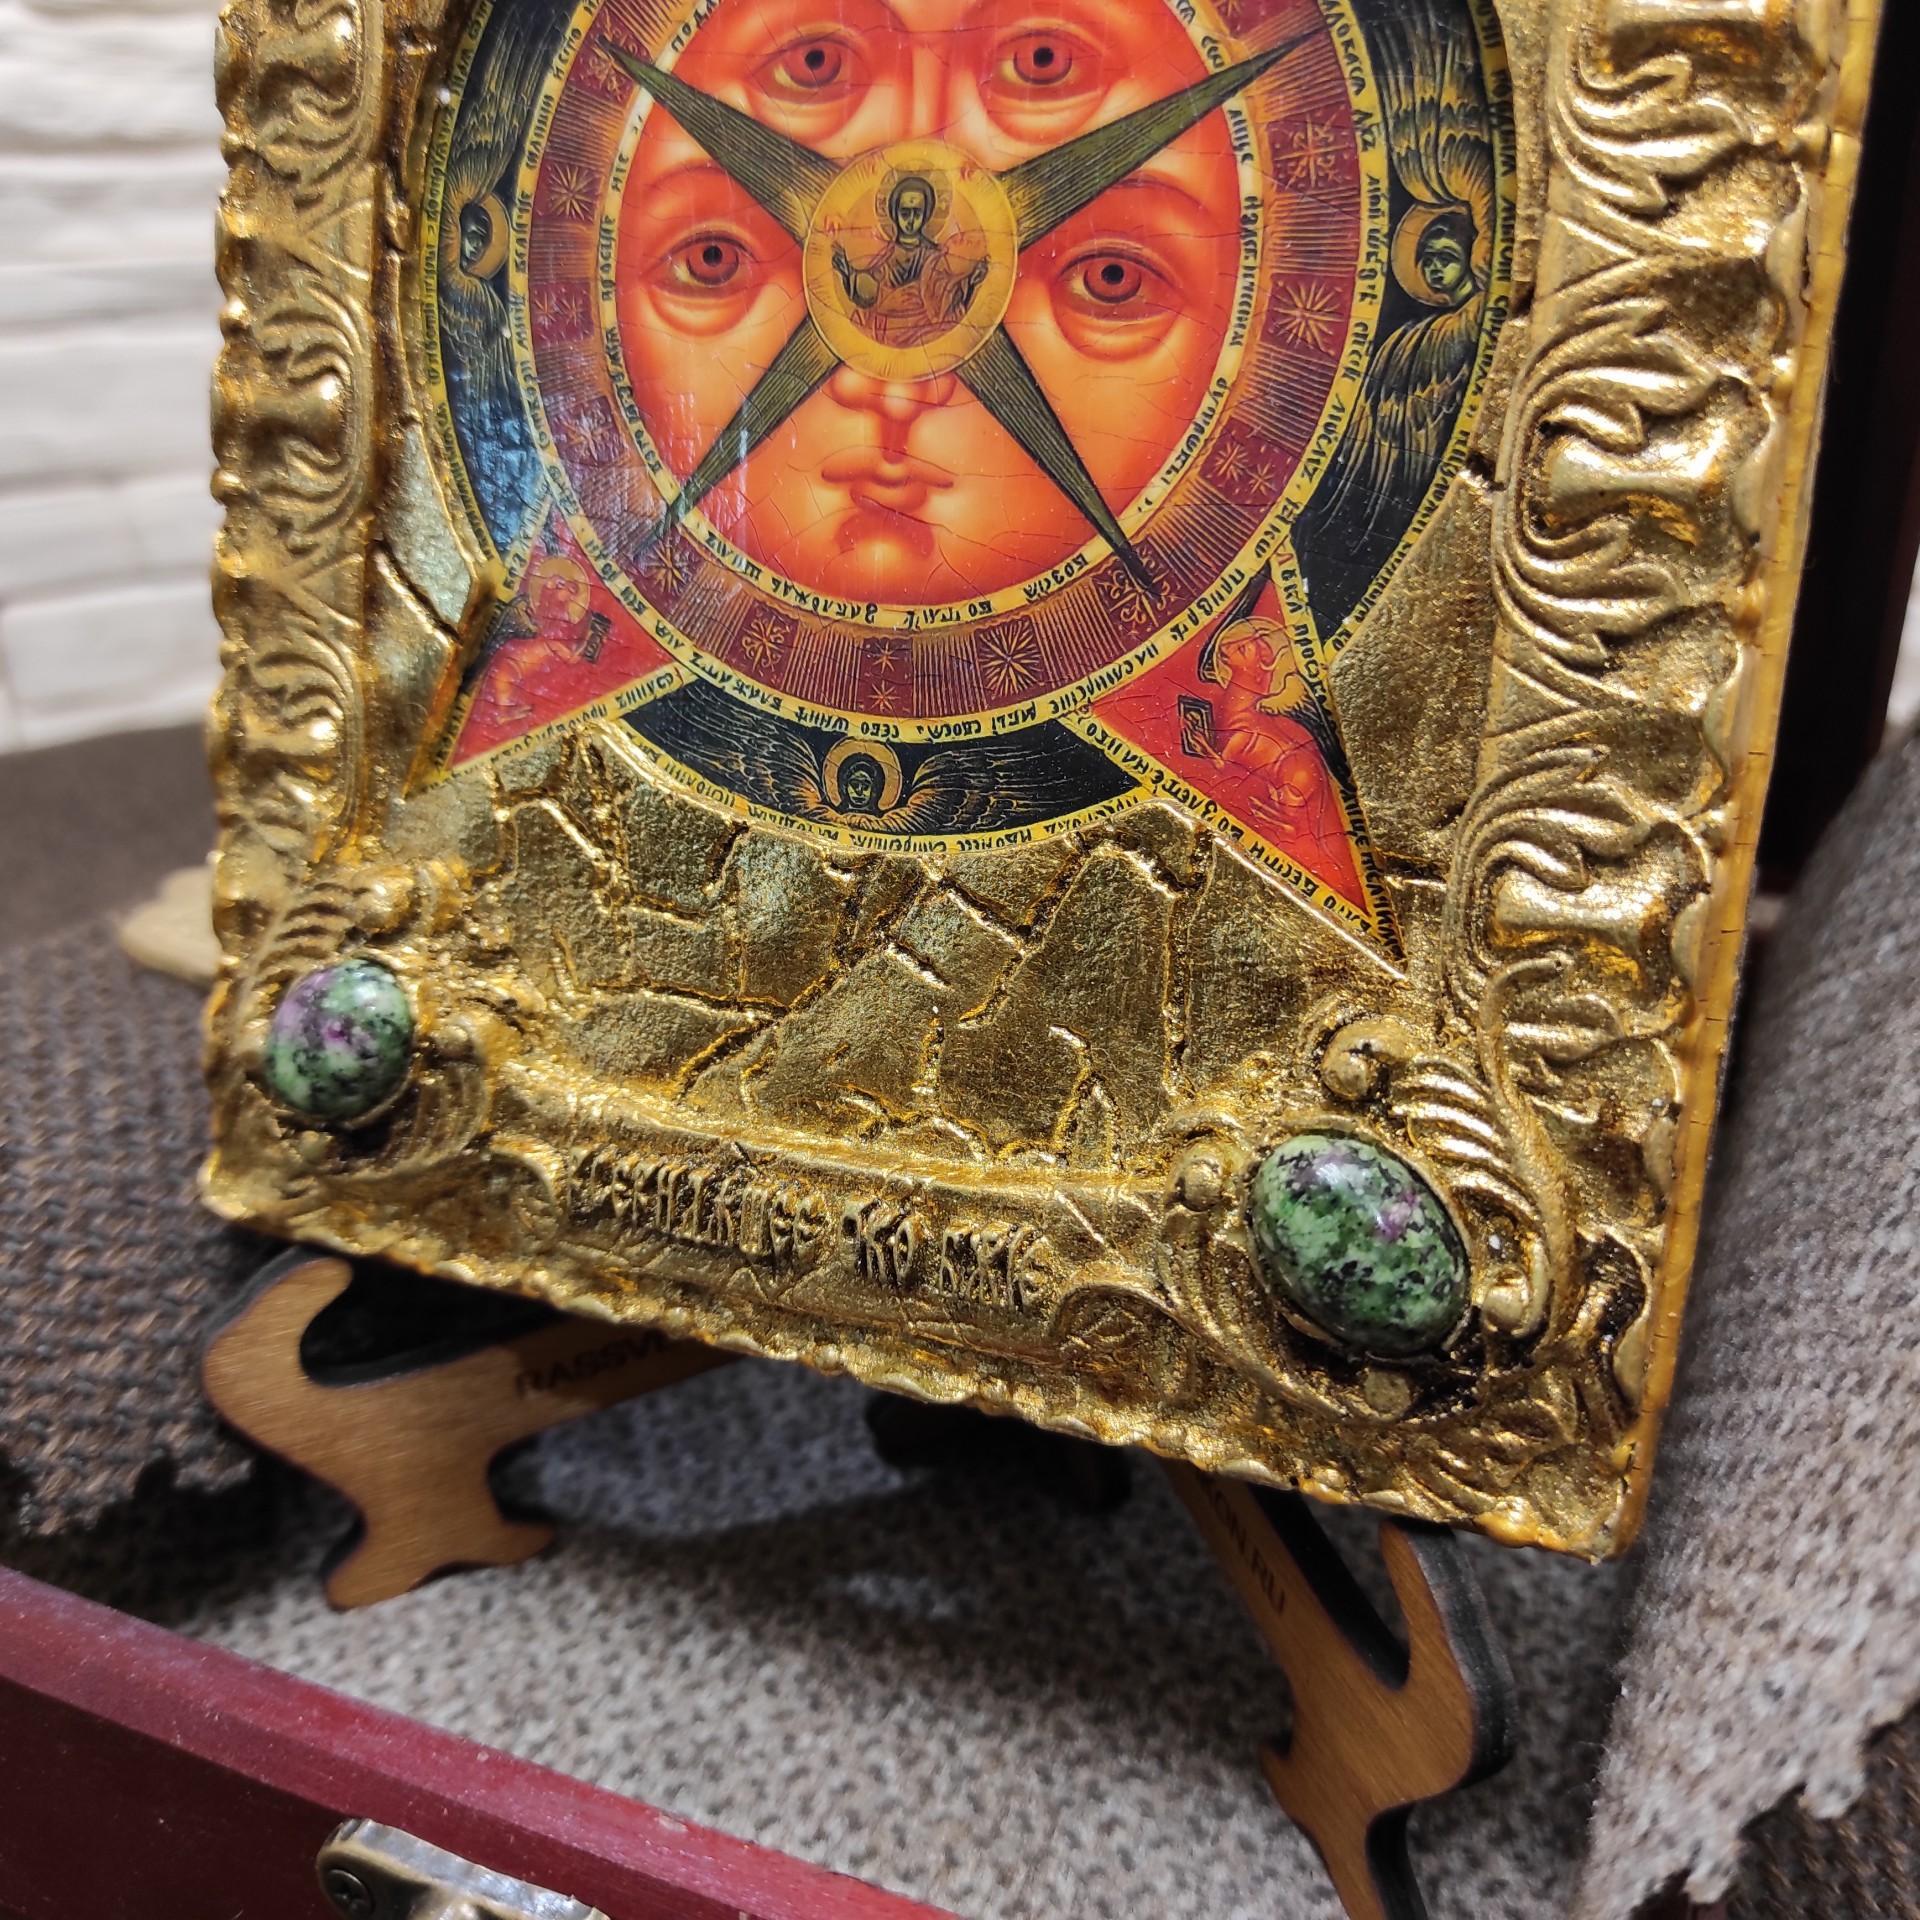 Фото нижних камней маленькой подарочной иконы Всевидящее око с камнями на подставке в футляре